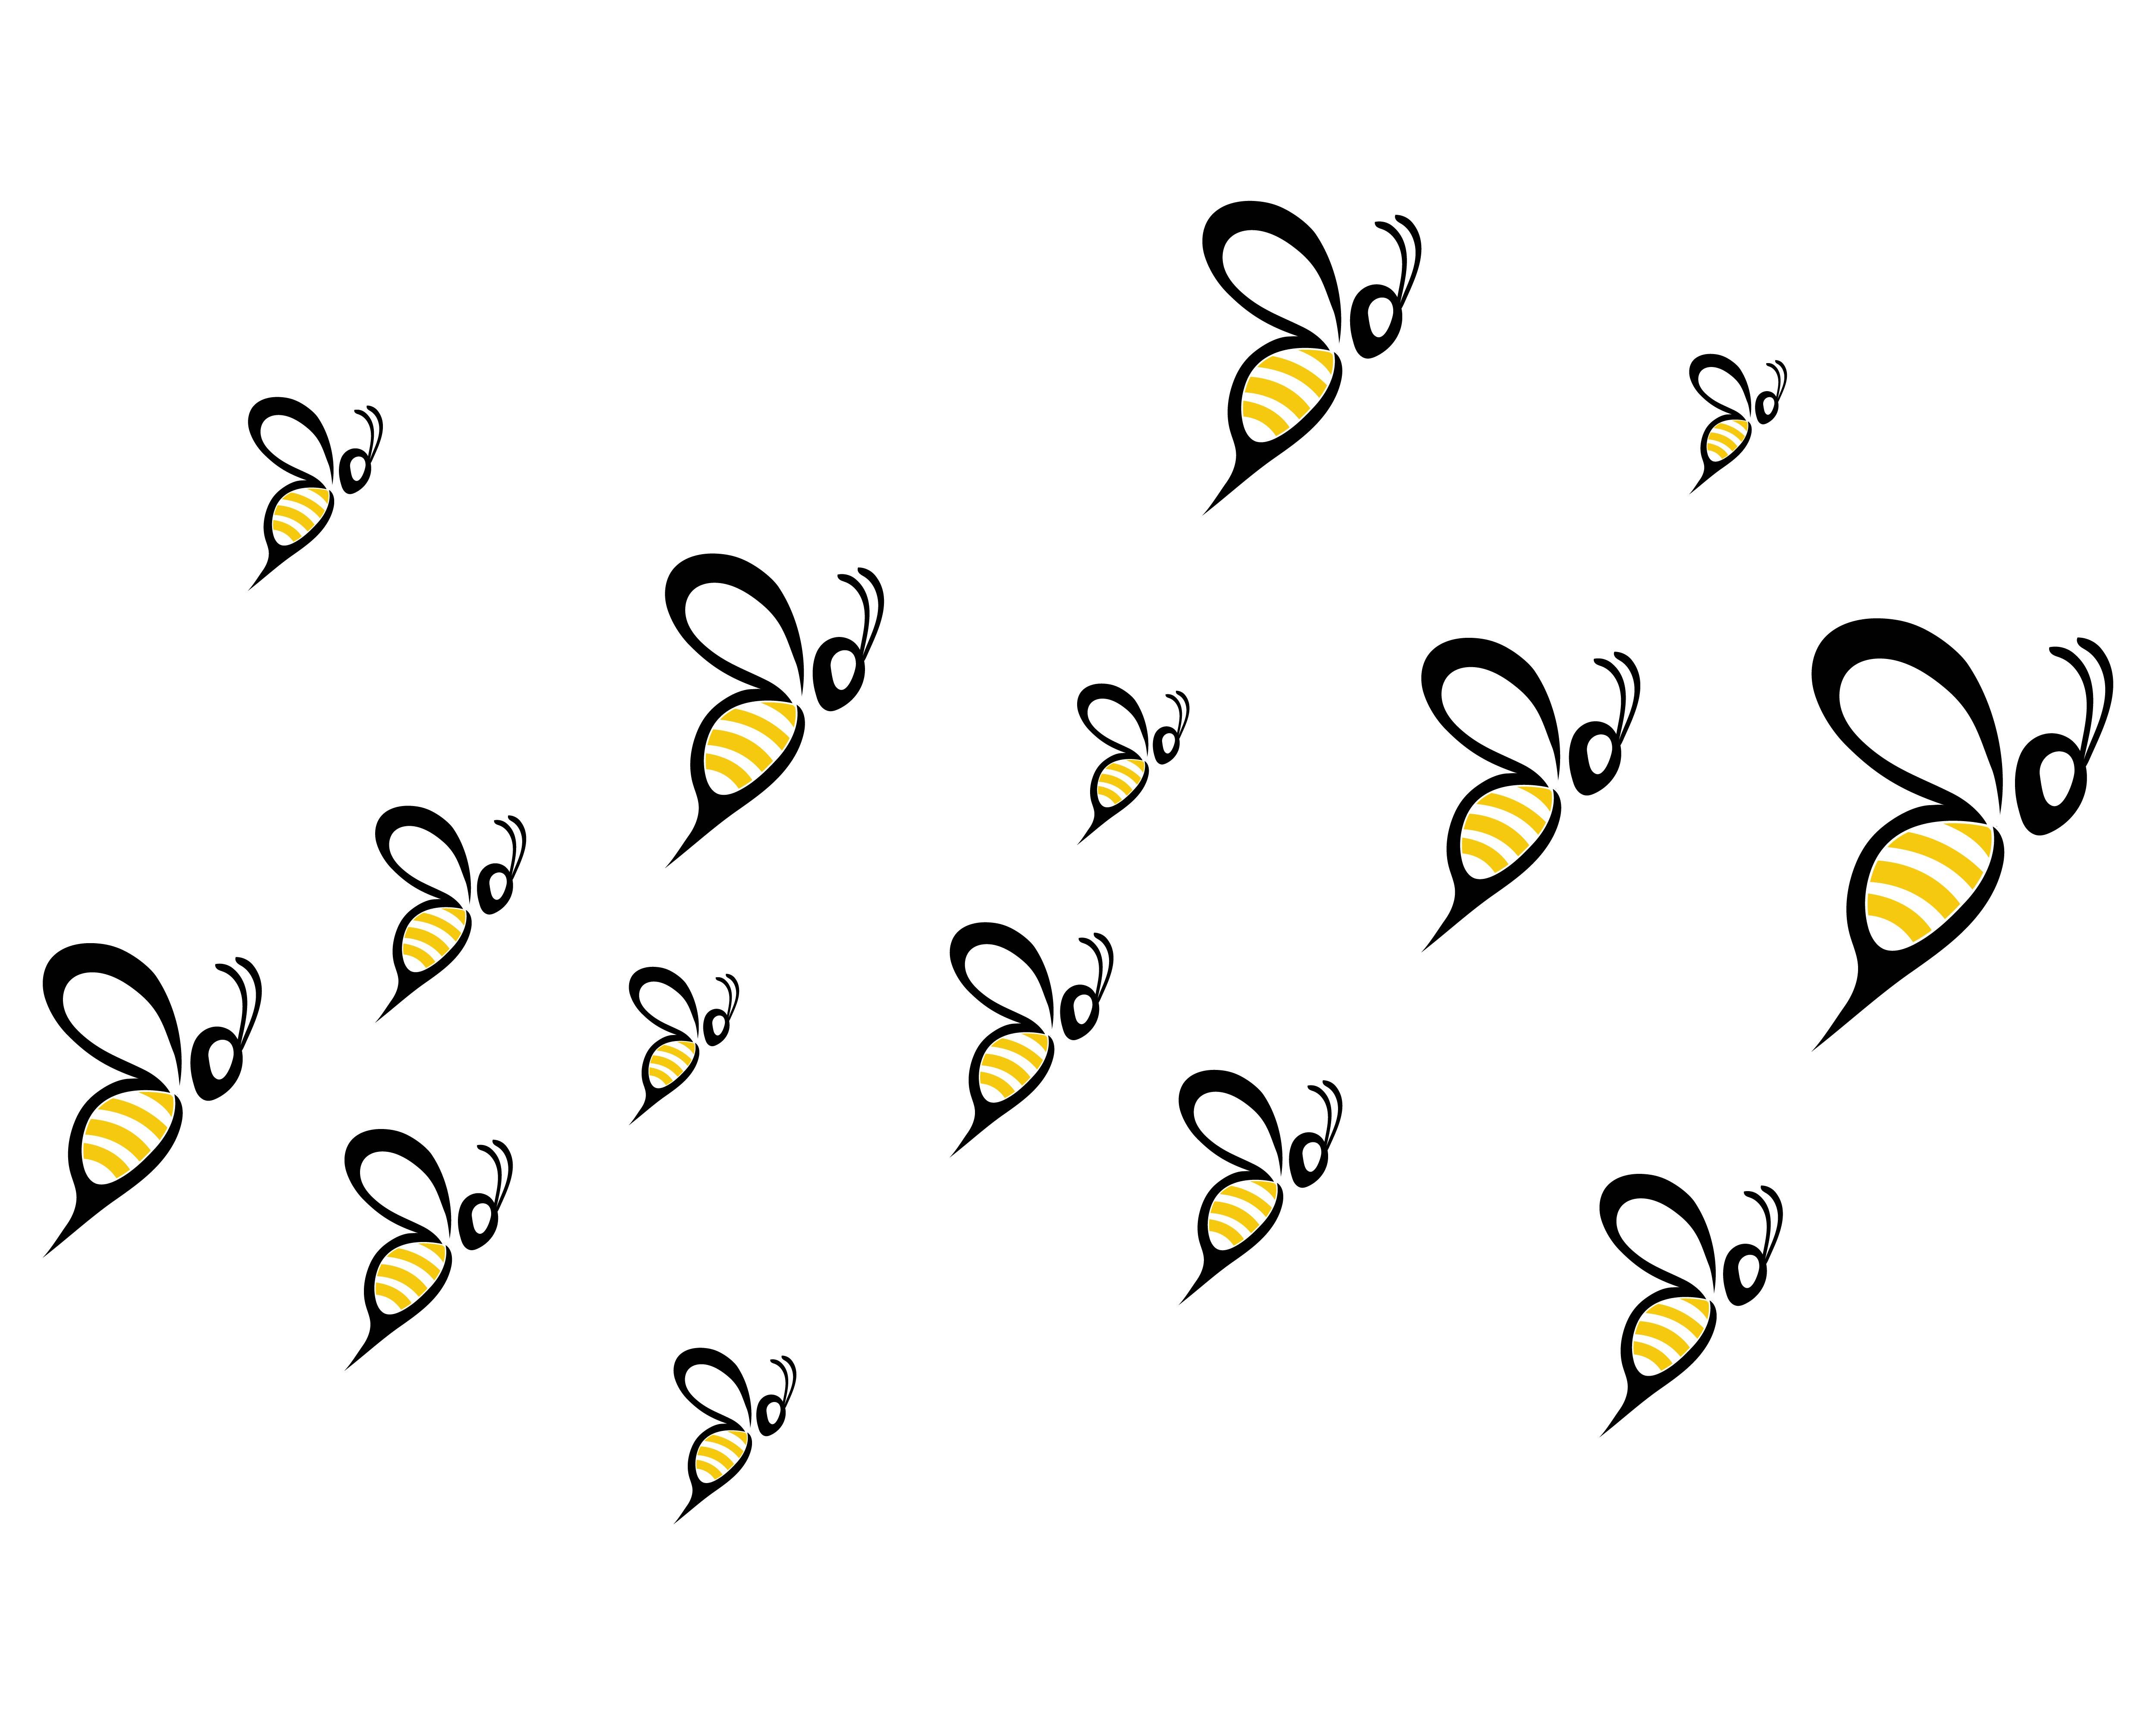 蜜蜂卡通 免費下載 | 天天瘋後製